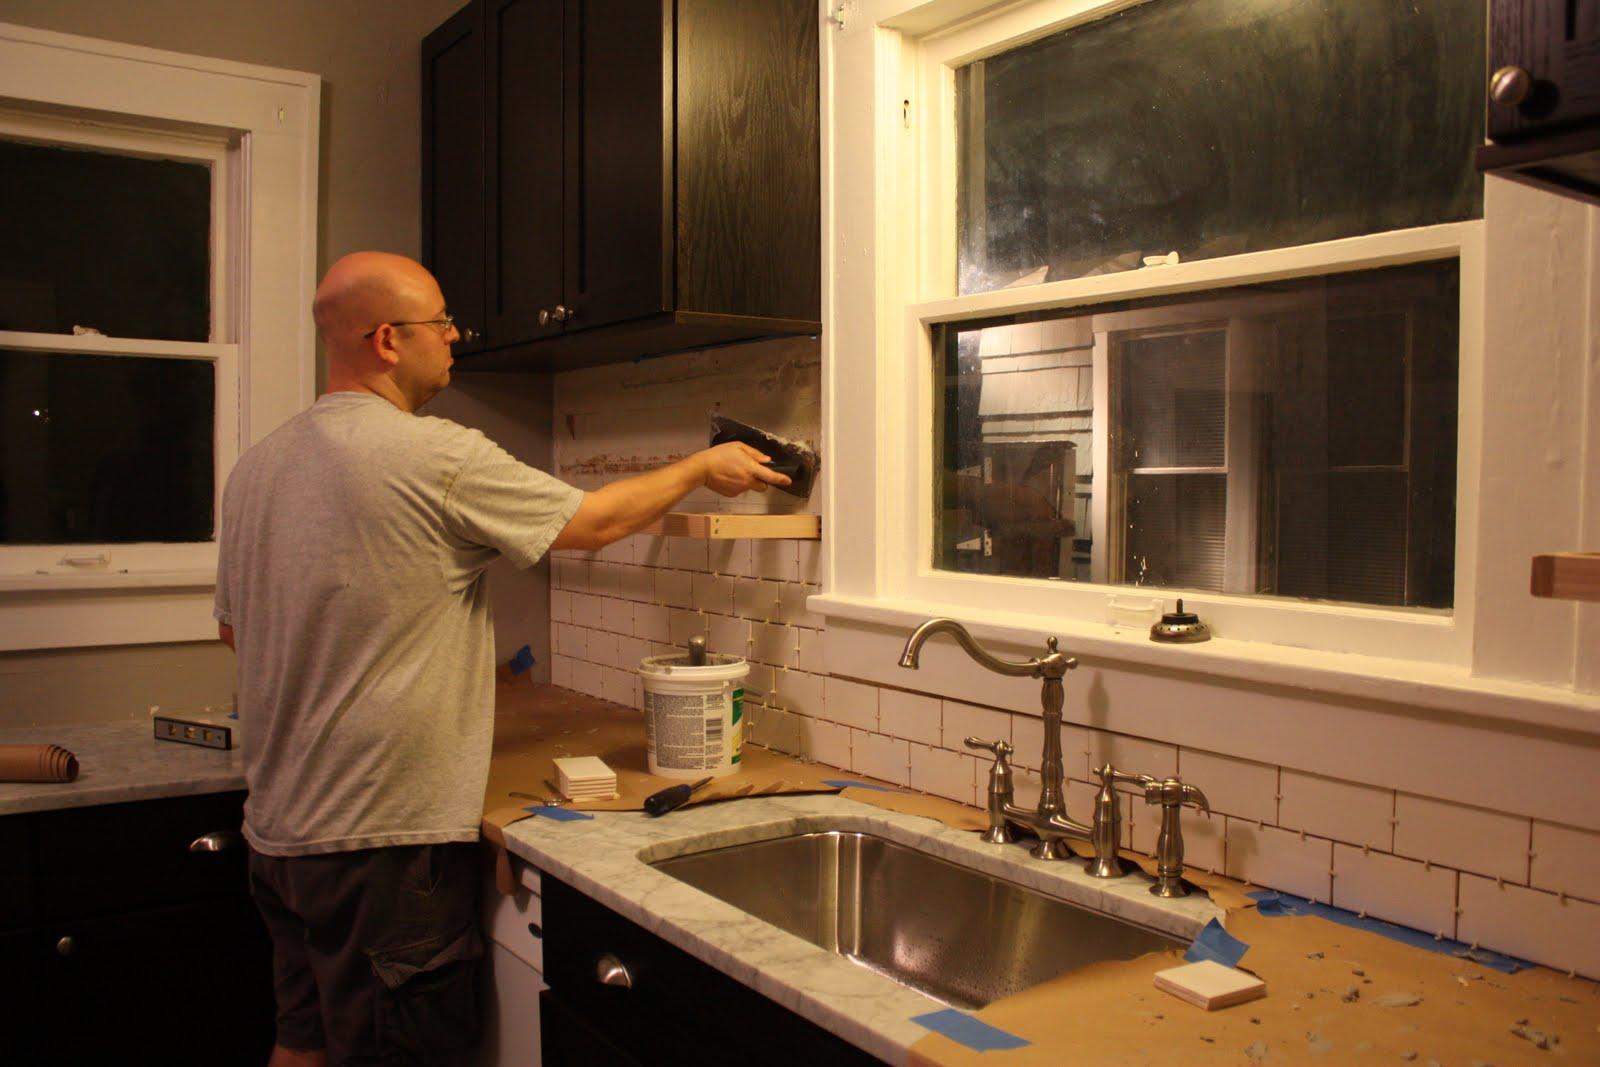 sixtwelvesixteenth: Kitchen Backsplash